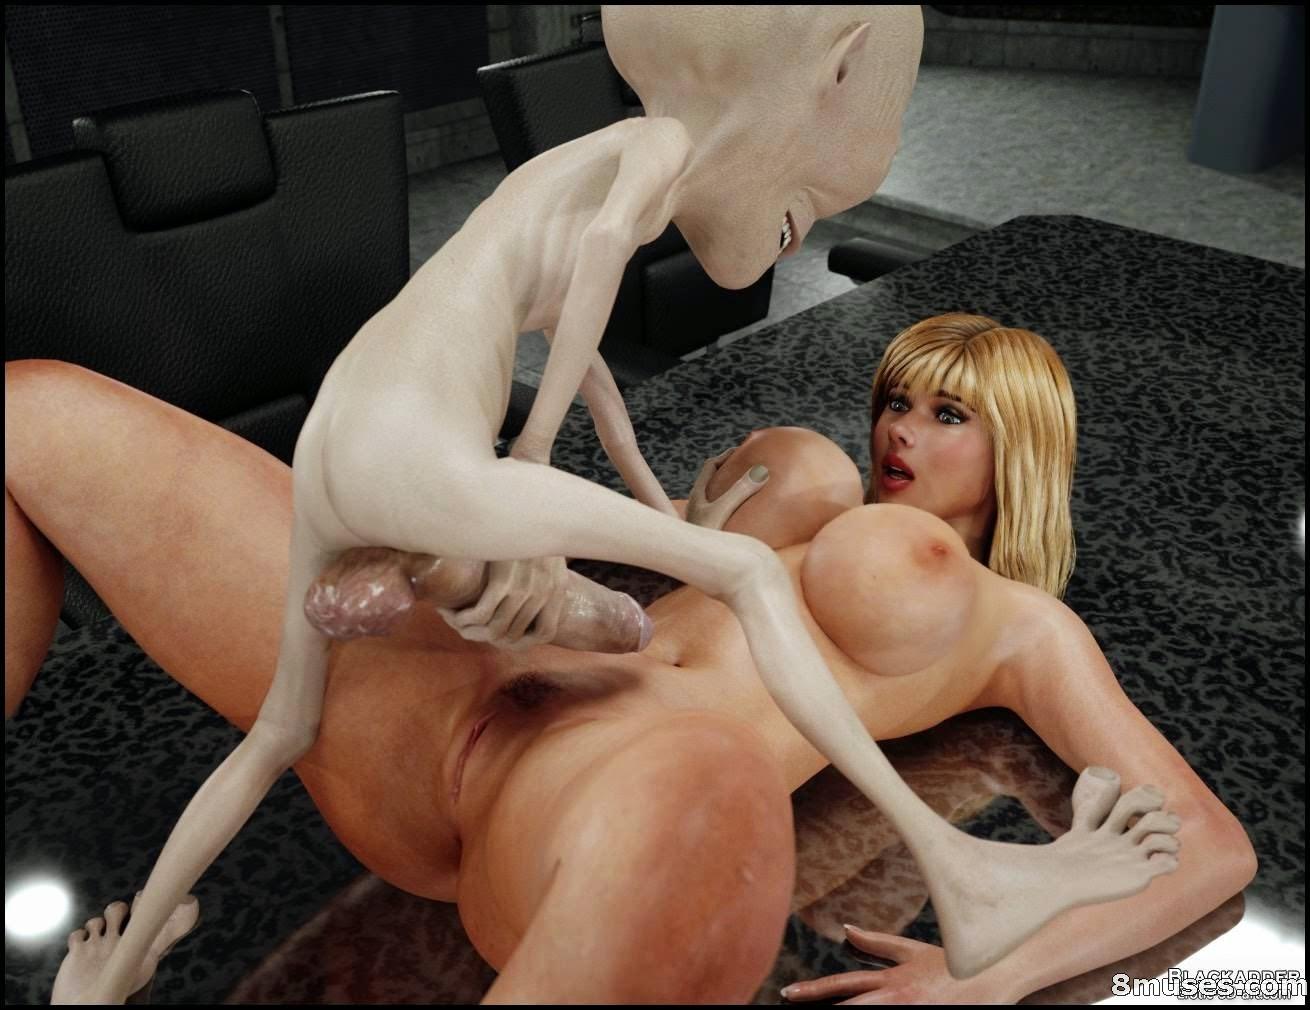 Alien porn clips nackt pics